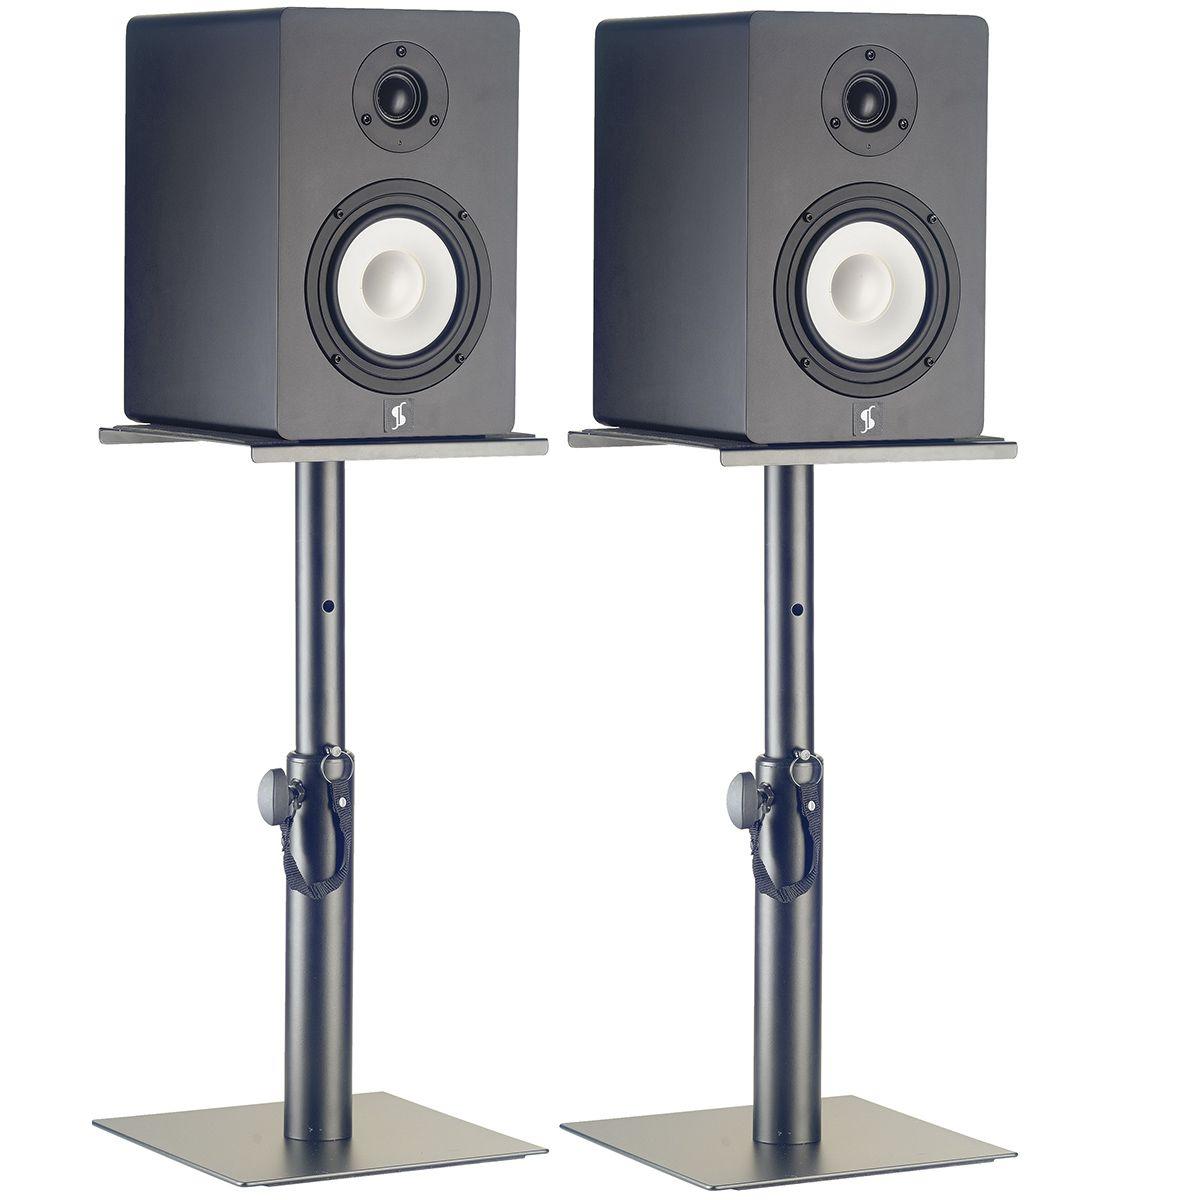 Suporte de Chão Stagg SMOS-05 Set para Monitores (Par)